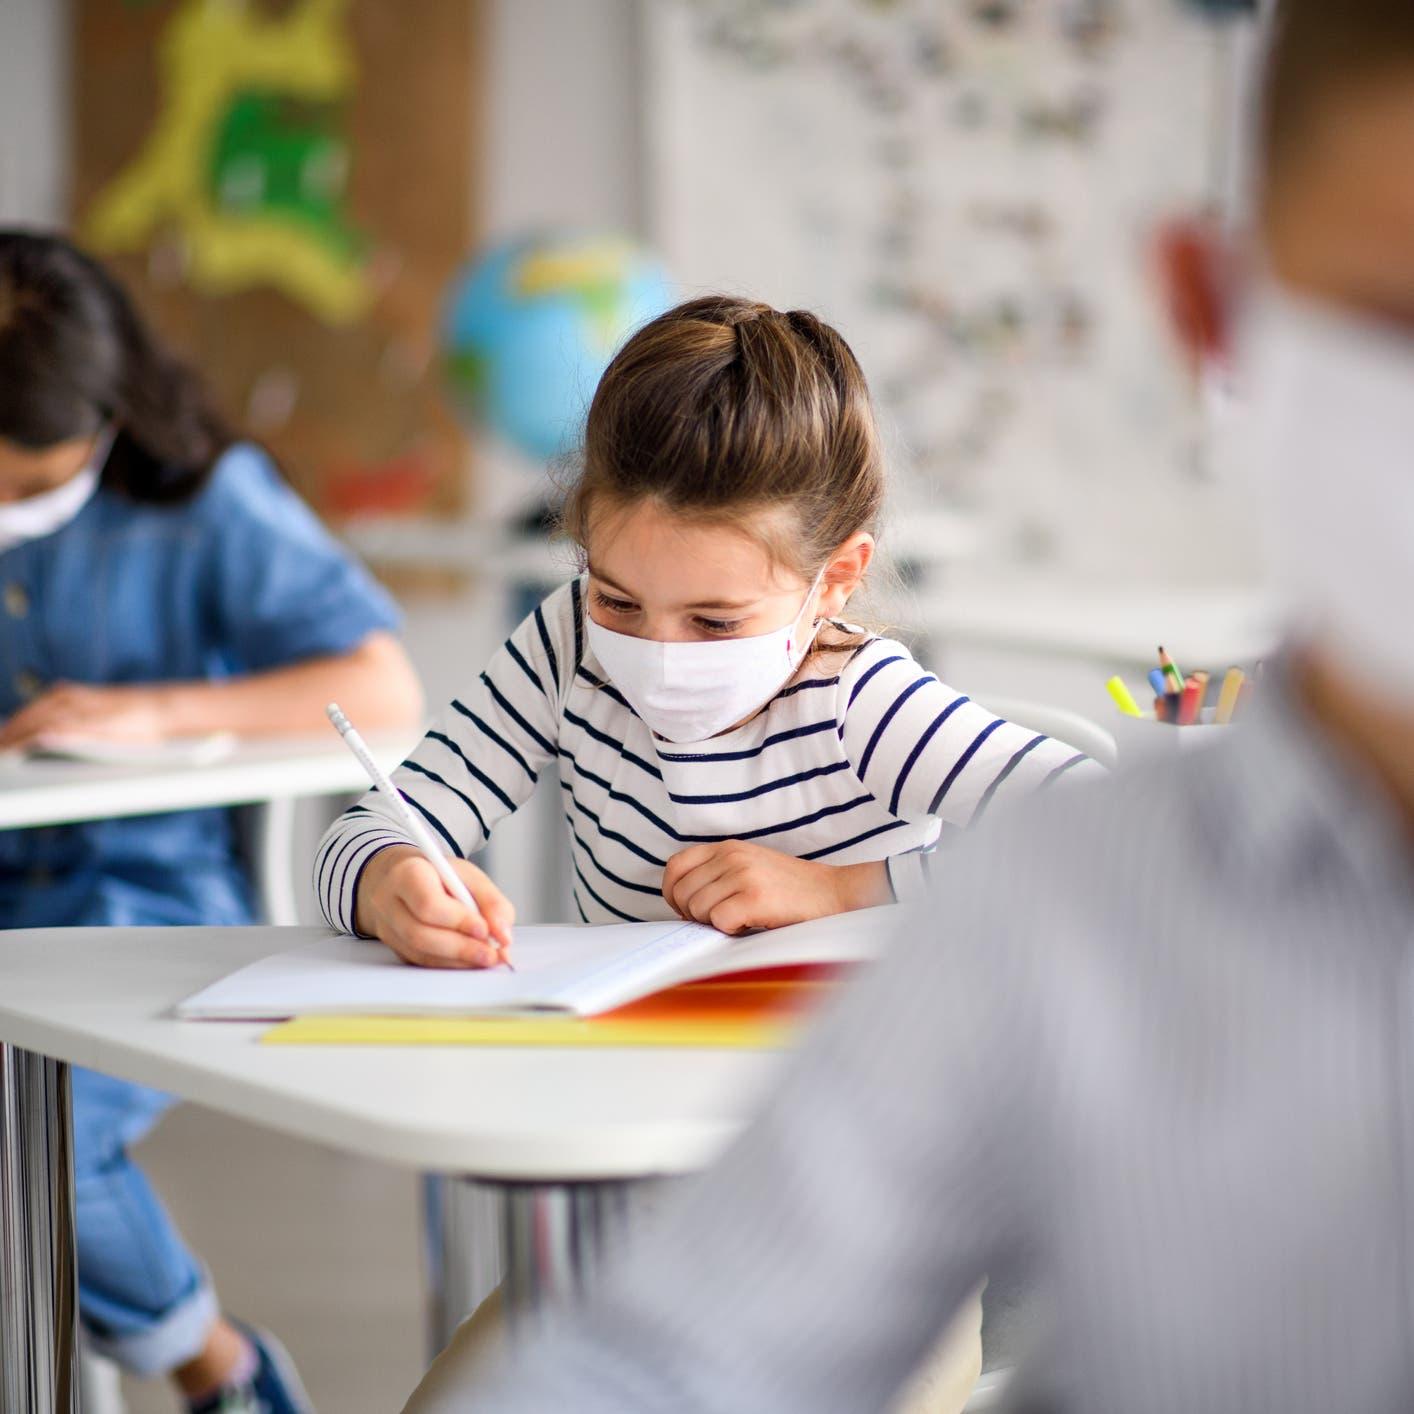 للحفاظ على سلامة الطلاب والمعلمين بزمن كورونا.. نصائح من الصحة العالمية